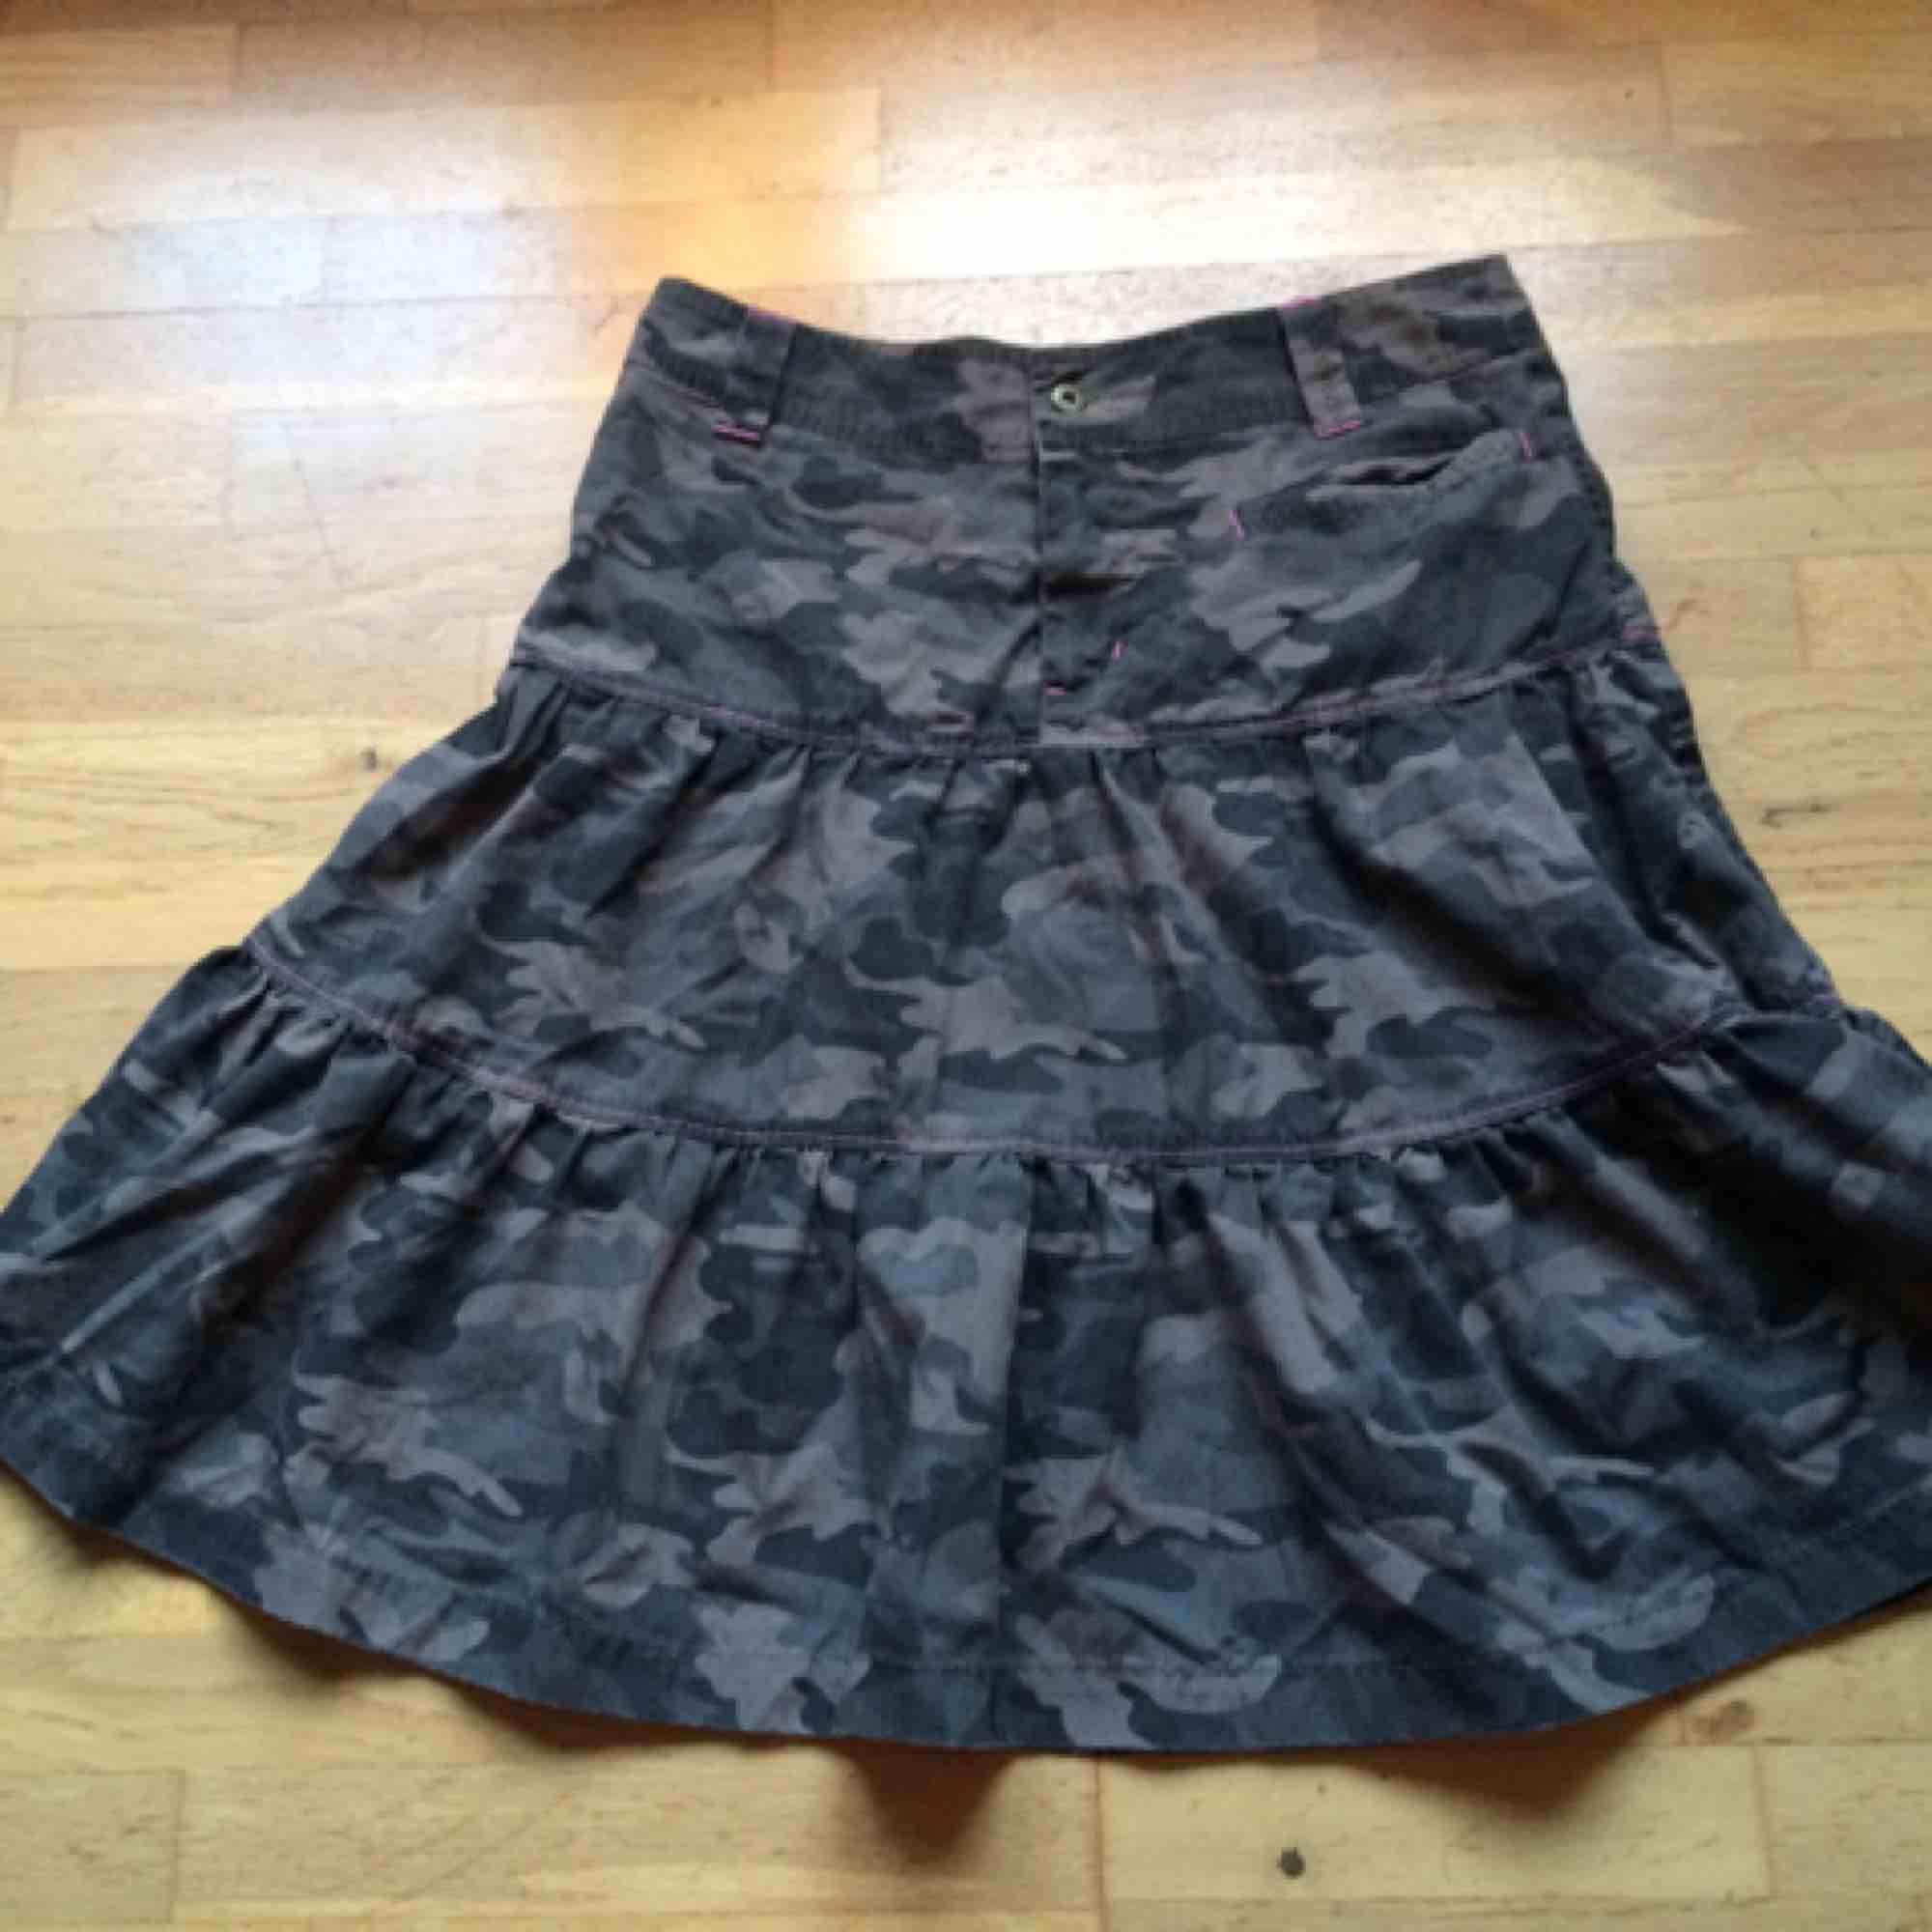 Kamouflagemönstrad kjol med rosa detaljer. En ficka fram och 2 baktill. Storlek M. Använd men i fint skick. Frakt: 59 kr i postens påse 🌸. Kjolar.